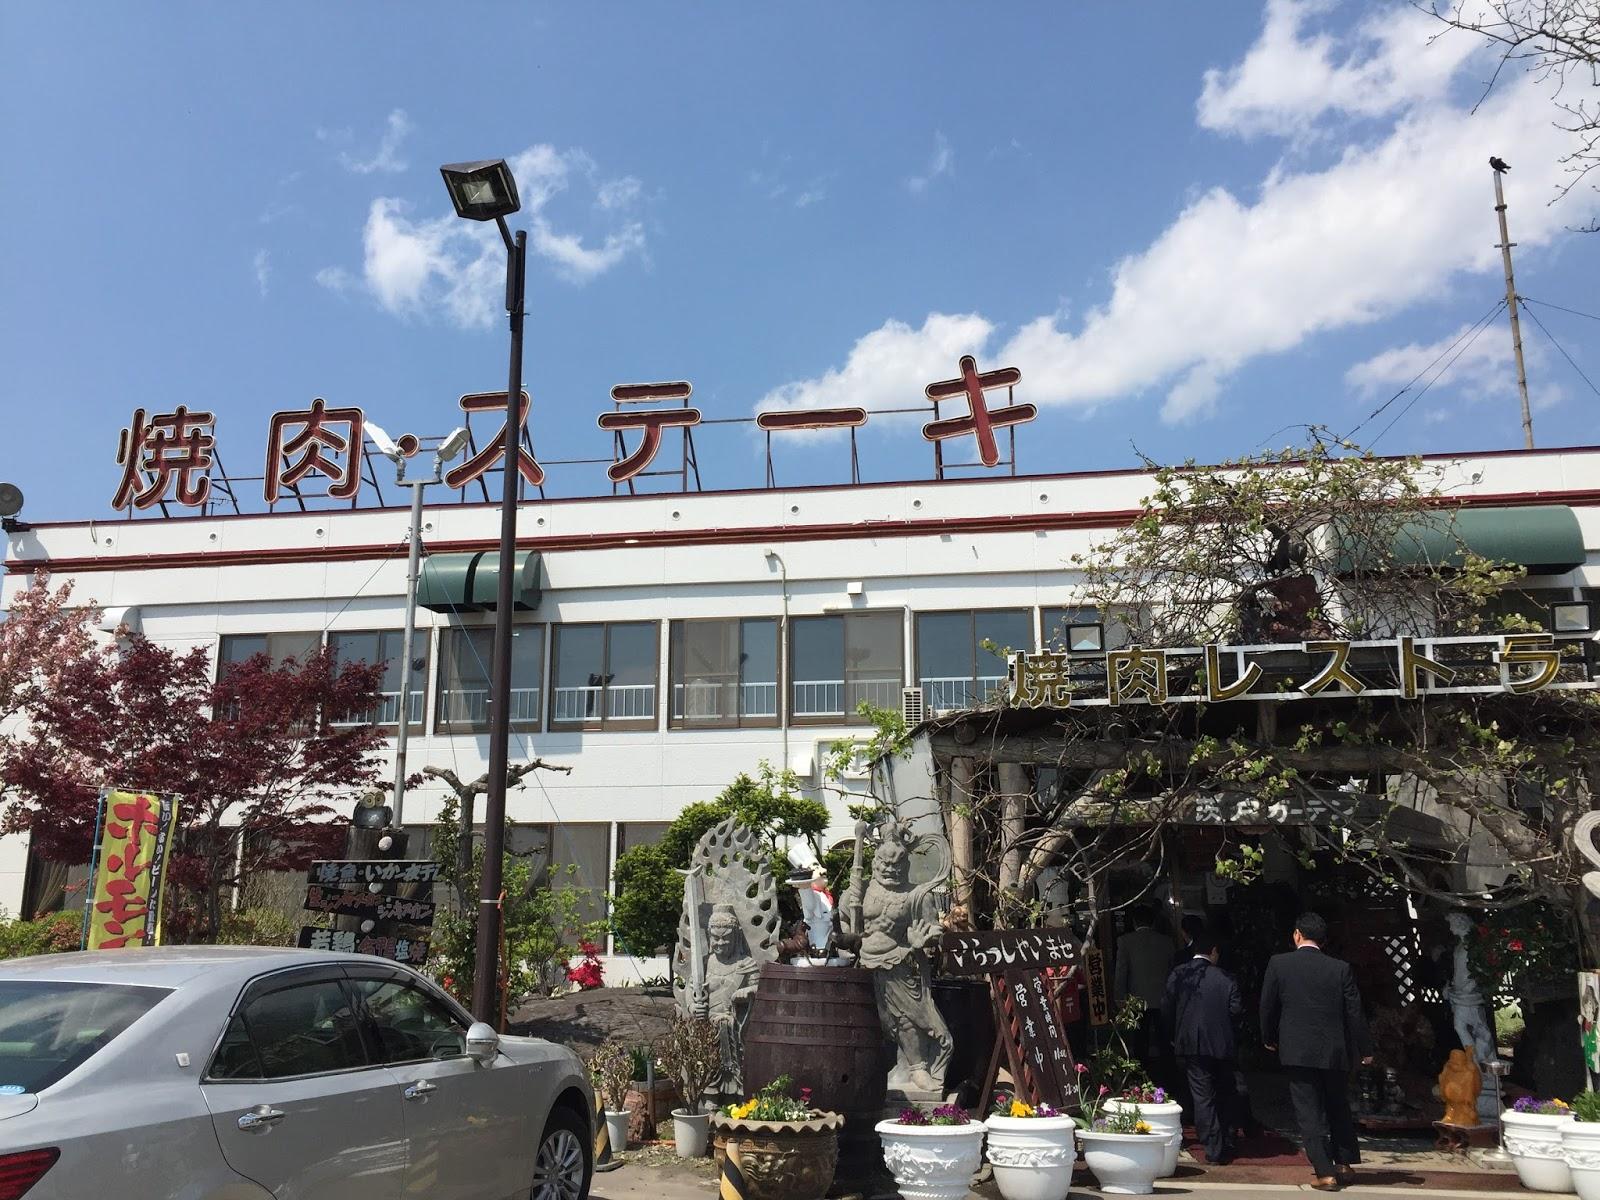 注文住宅 みのや 三重県鈴鹿市 旭川の住宅視察